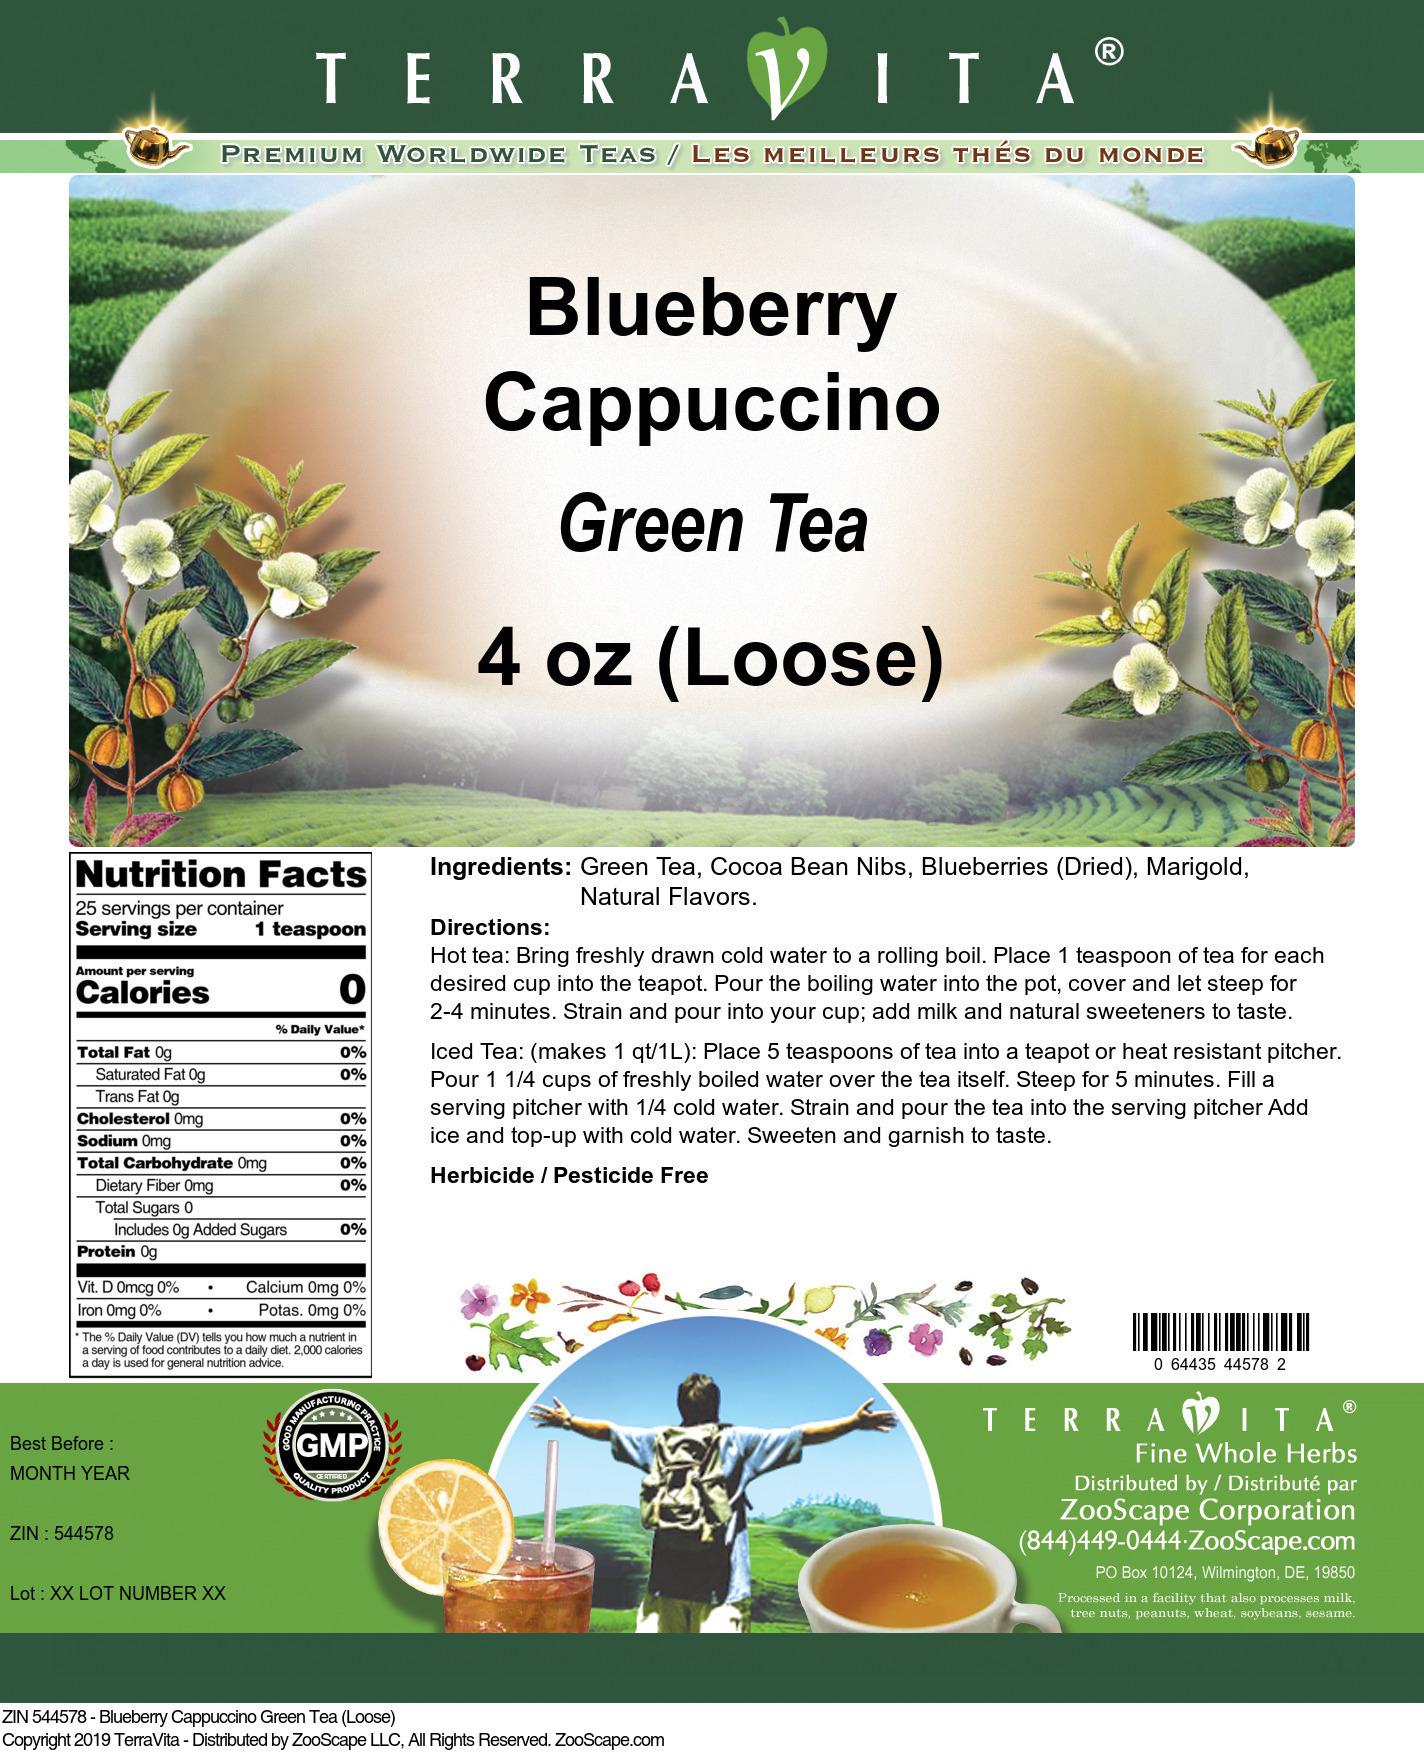 Blueberry Cappuccino Green Tea